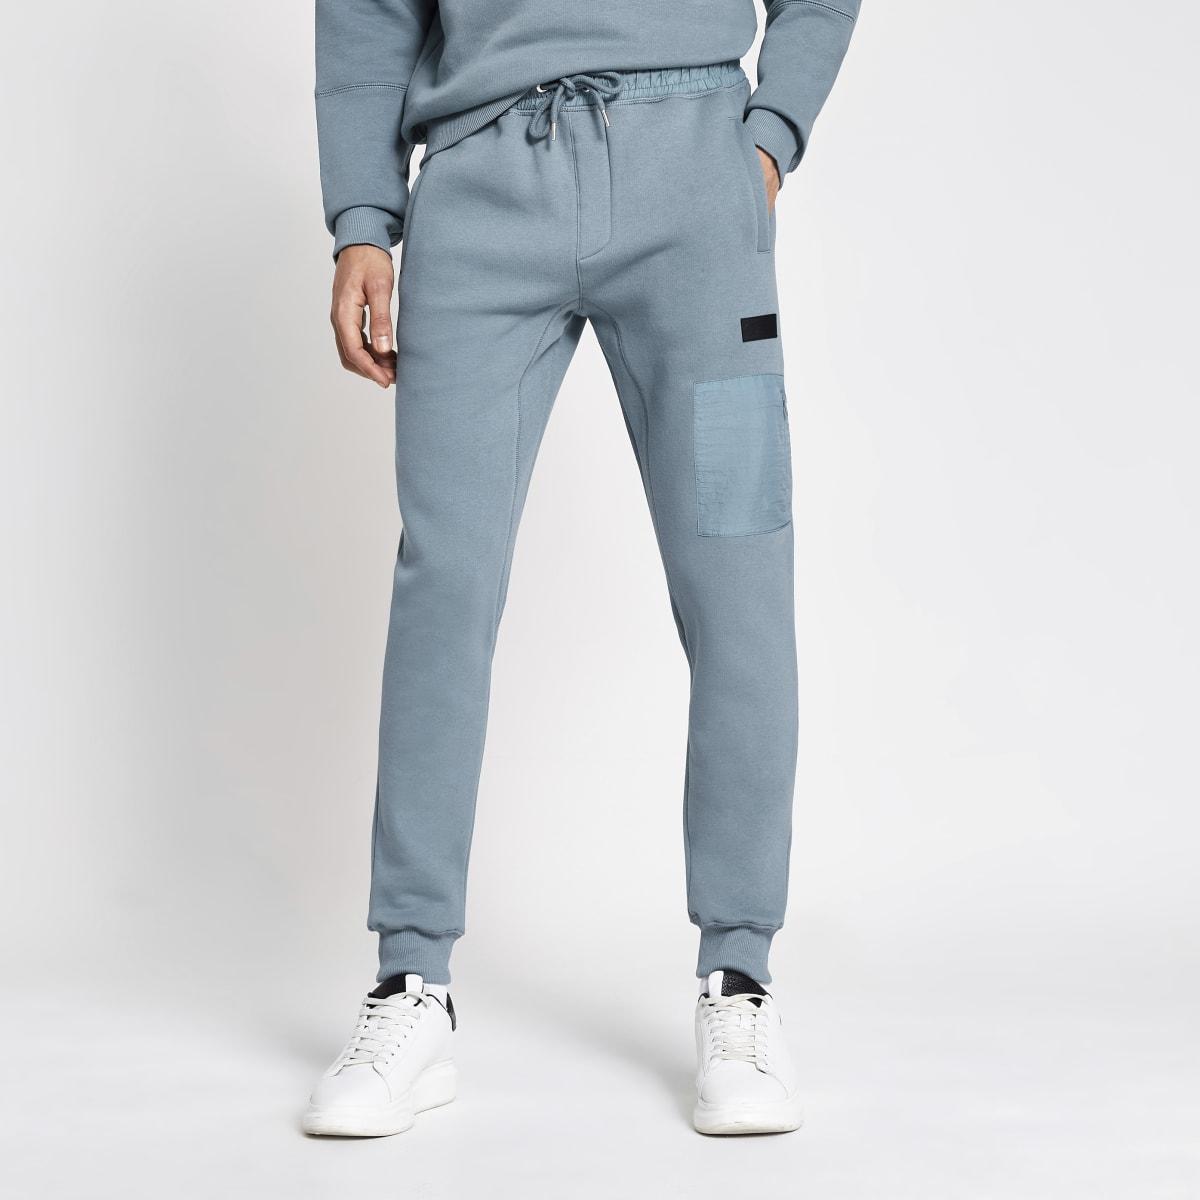 Pastel Tech - Blauwe nylon joggingbroek met kleurvlakken